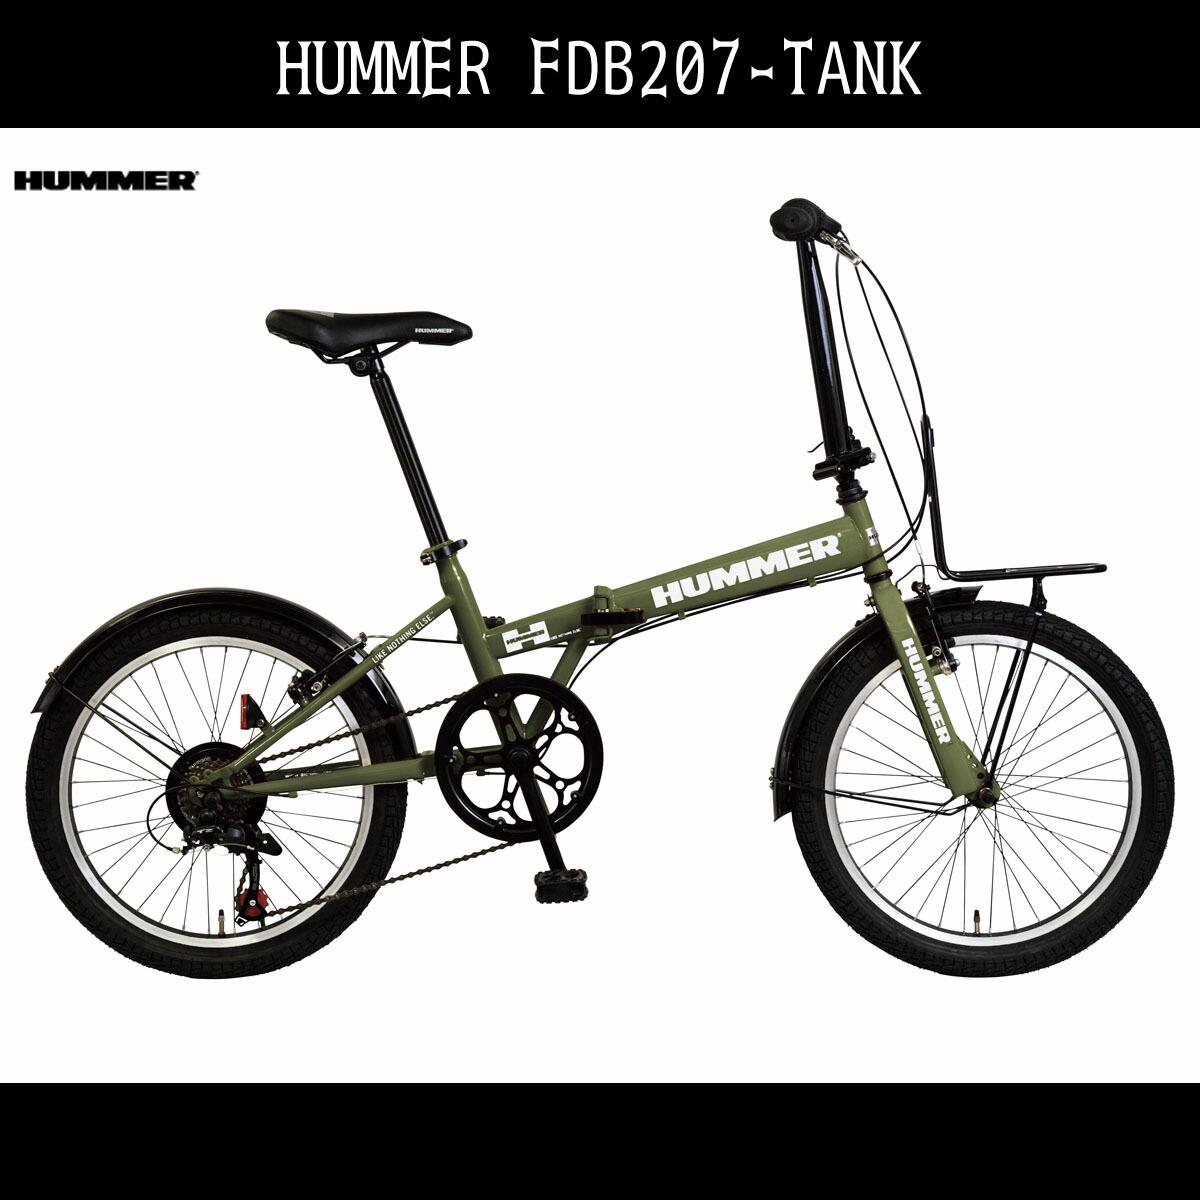 折りたたみ自転車 ファットバイク ハマー HUMMER 自転車 グリーン/緑20インチ 折りたたみ自転車 外装7段変速ギア ハマー 折りたたみ自転車 FDB207 TANK